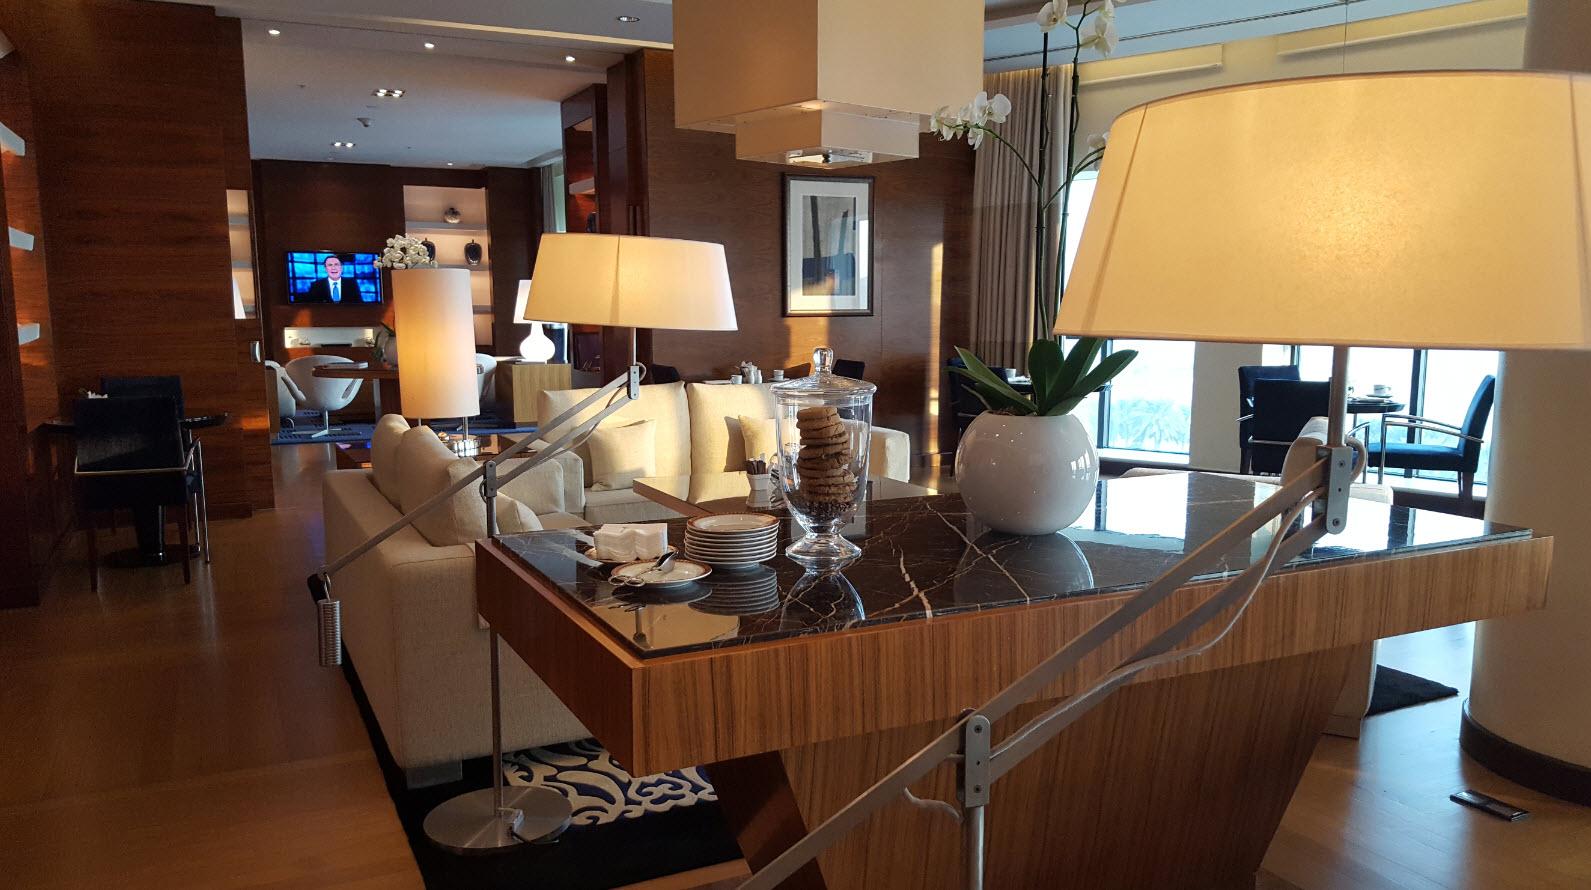 Interieur club lounge Ritz Carlton Bahrain